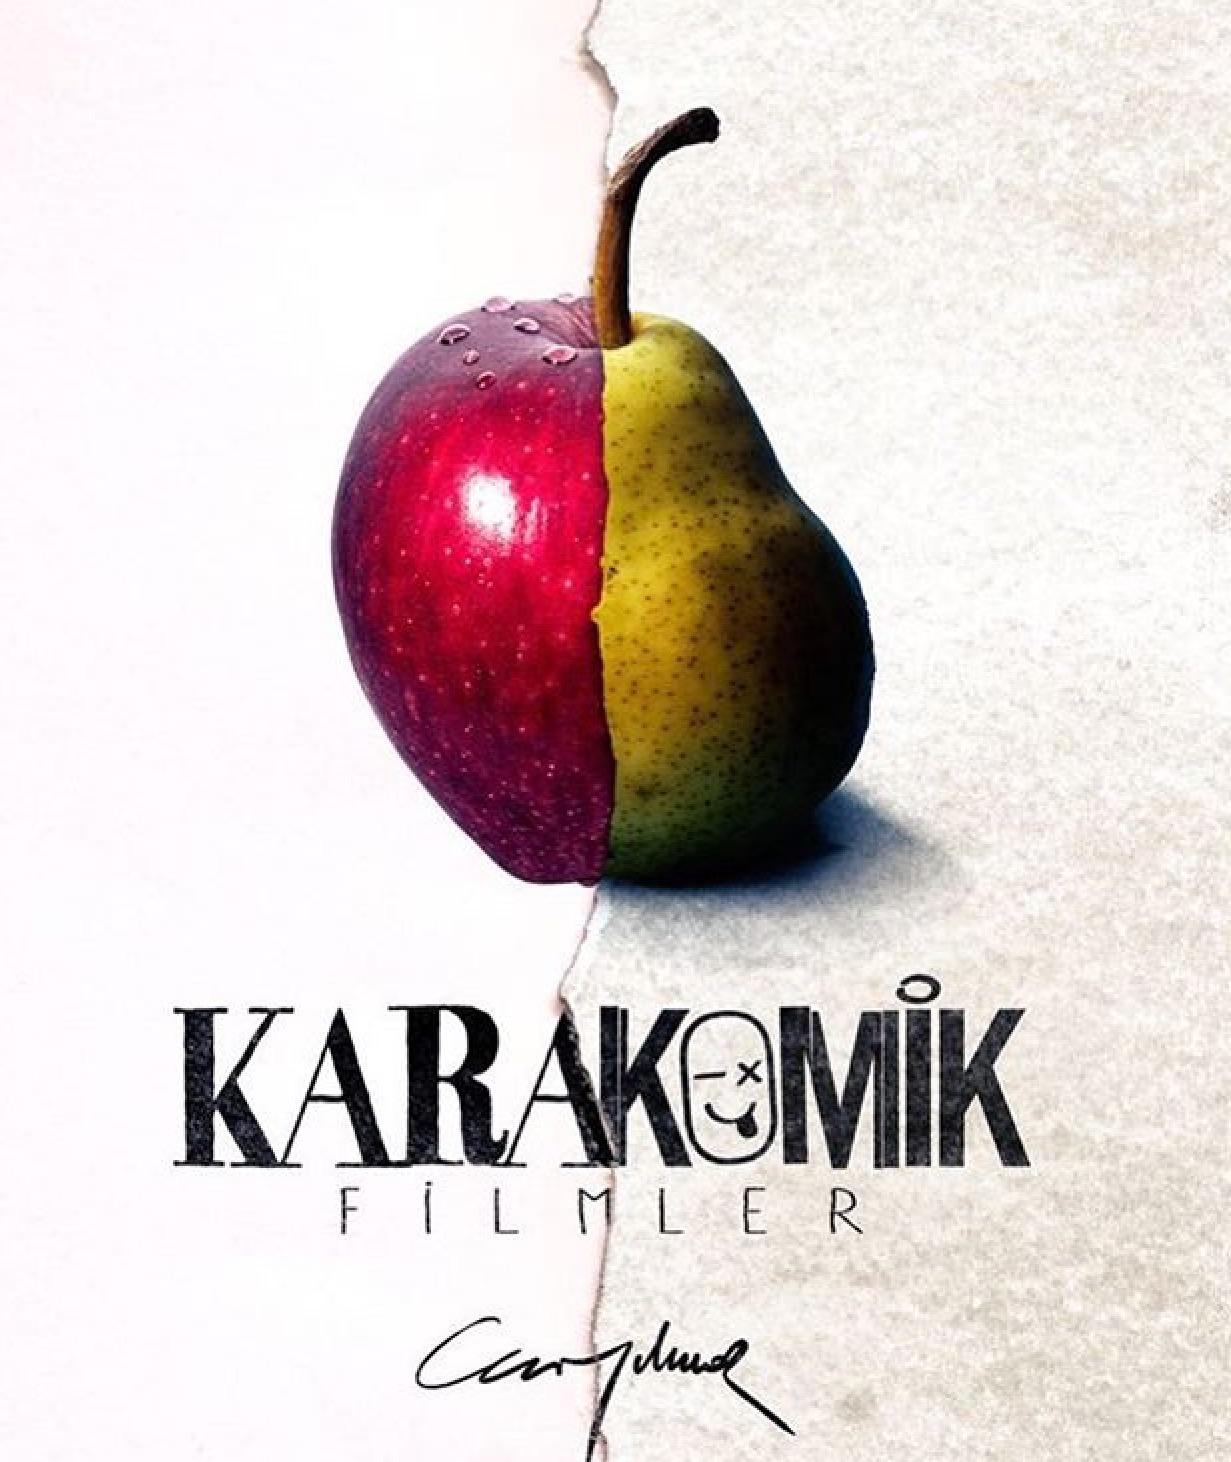 Karakomik Filmler 2019 Imdb